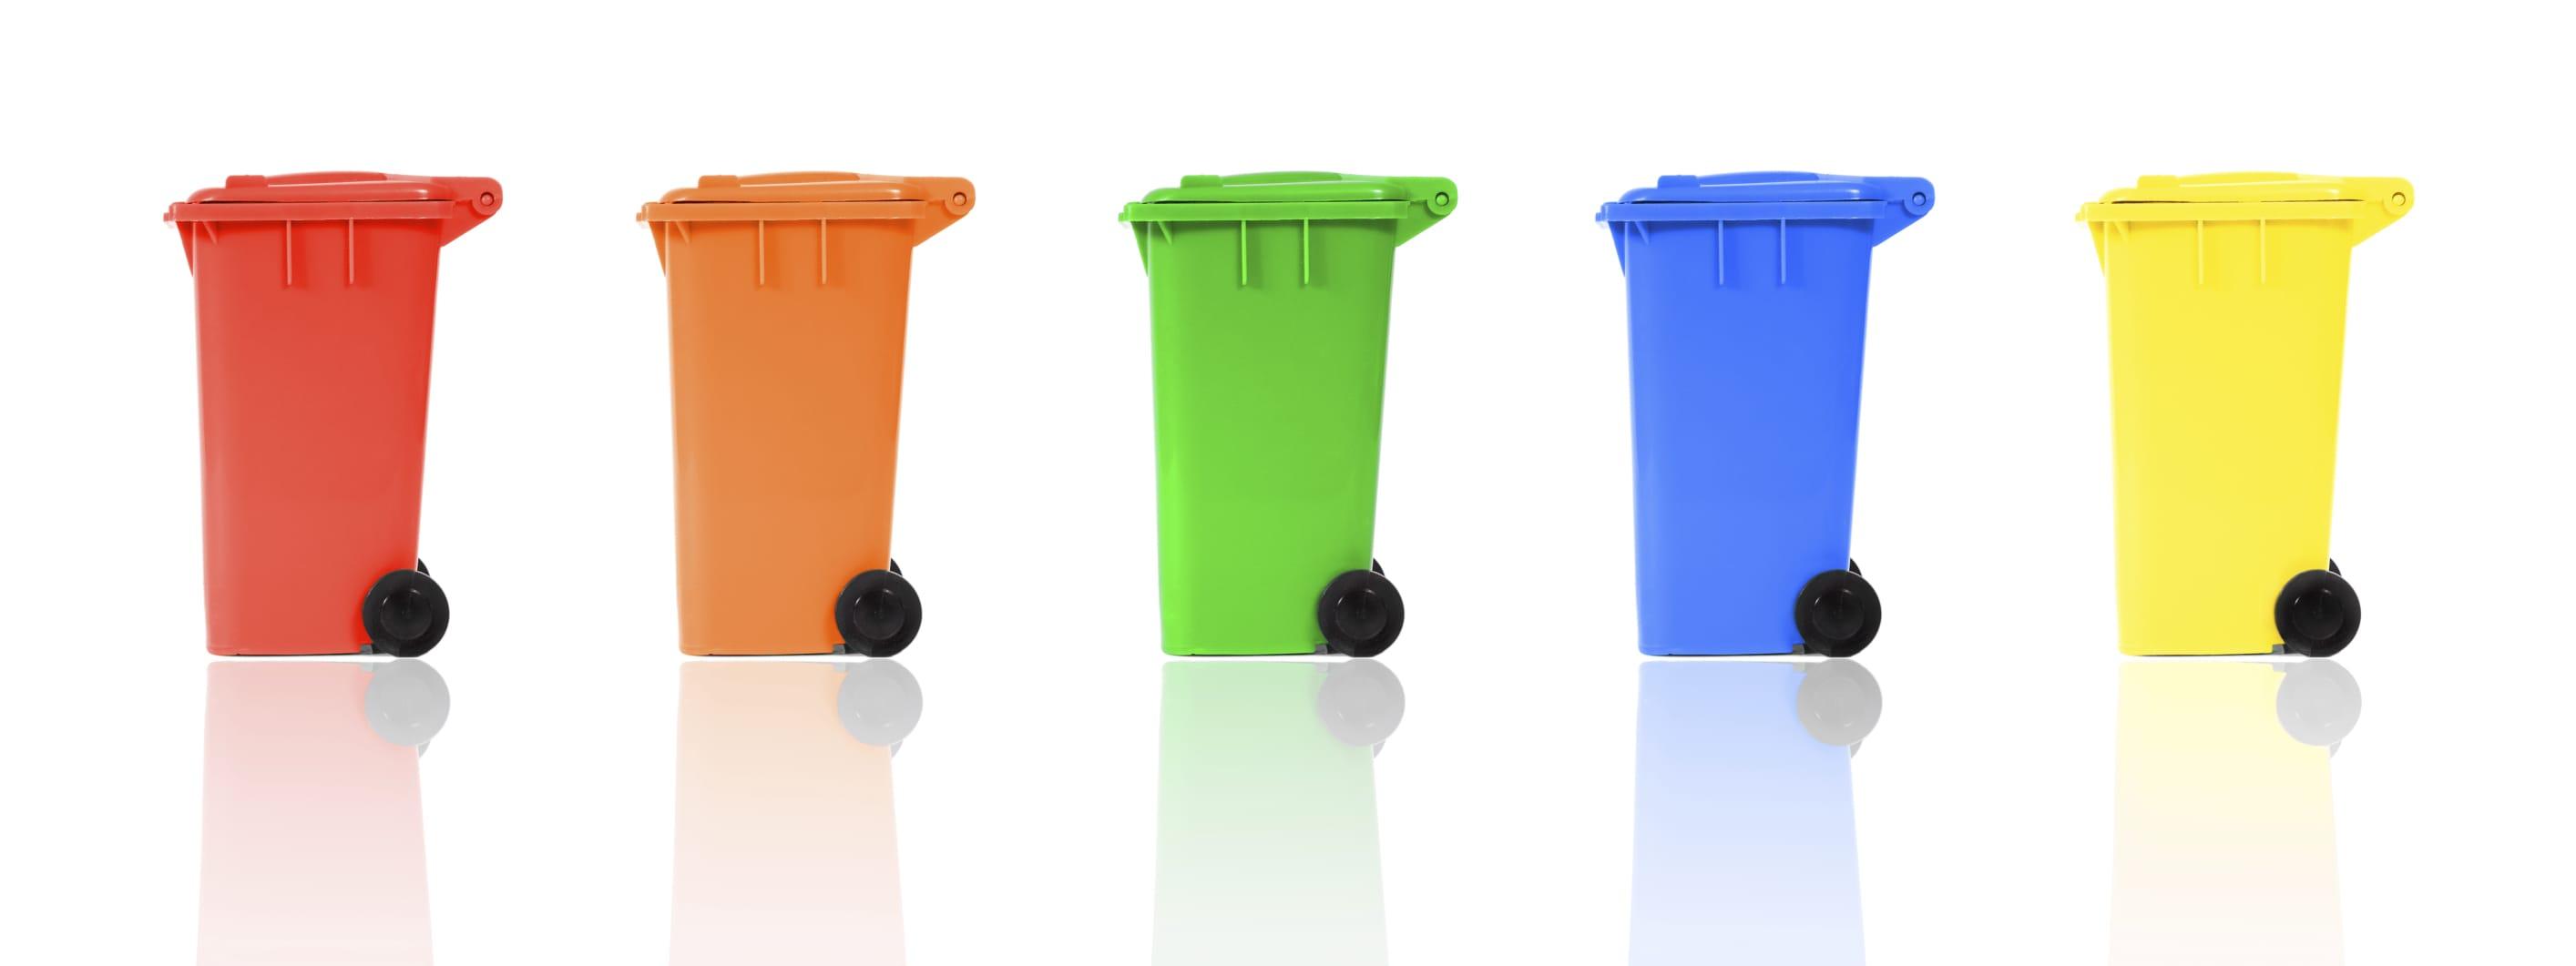 Smaltimento rifiuti aziende: la guida gratuita di ecolight